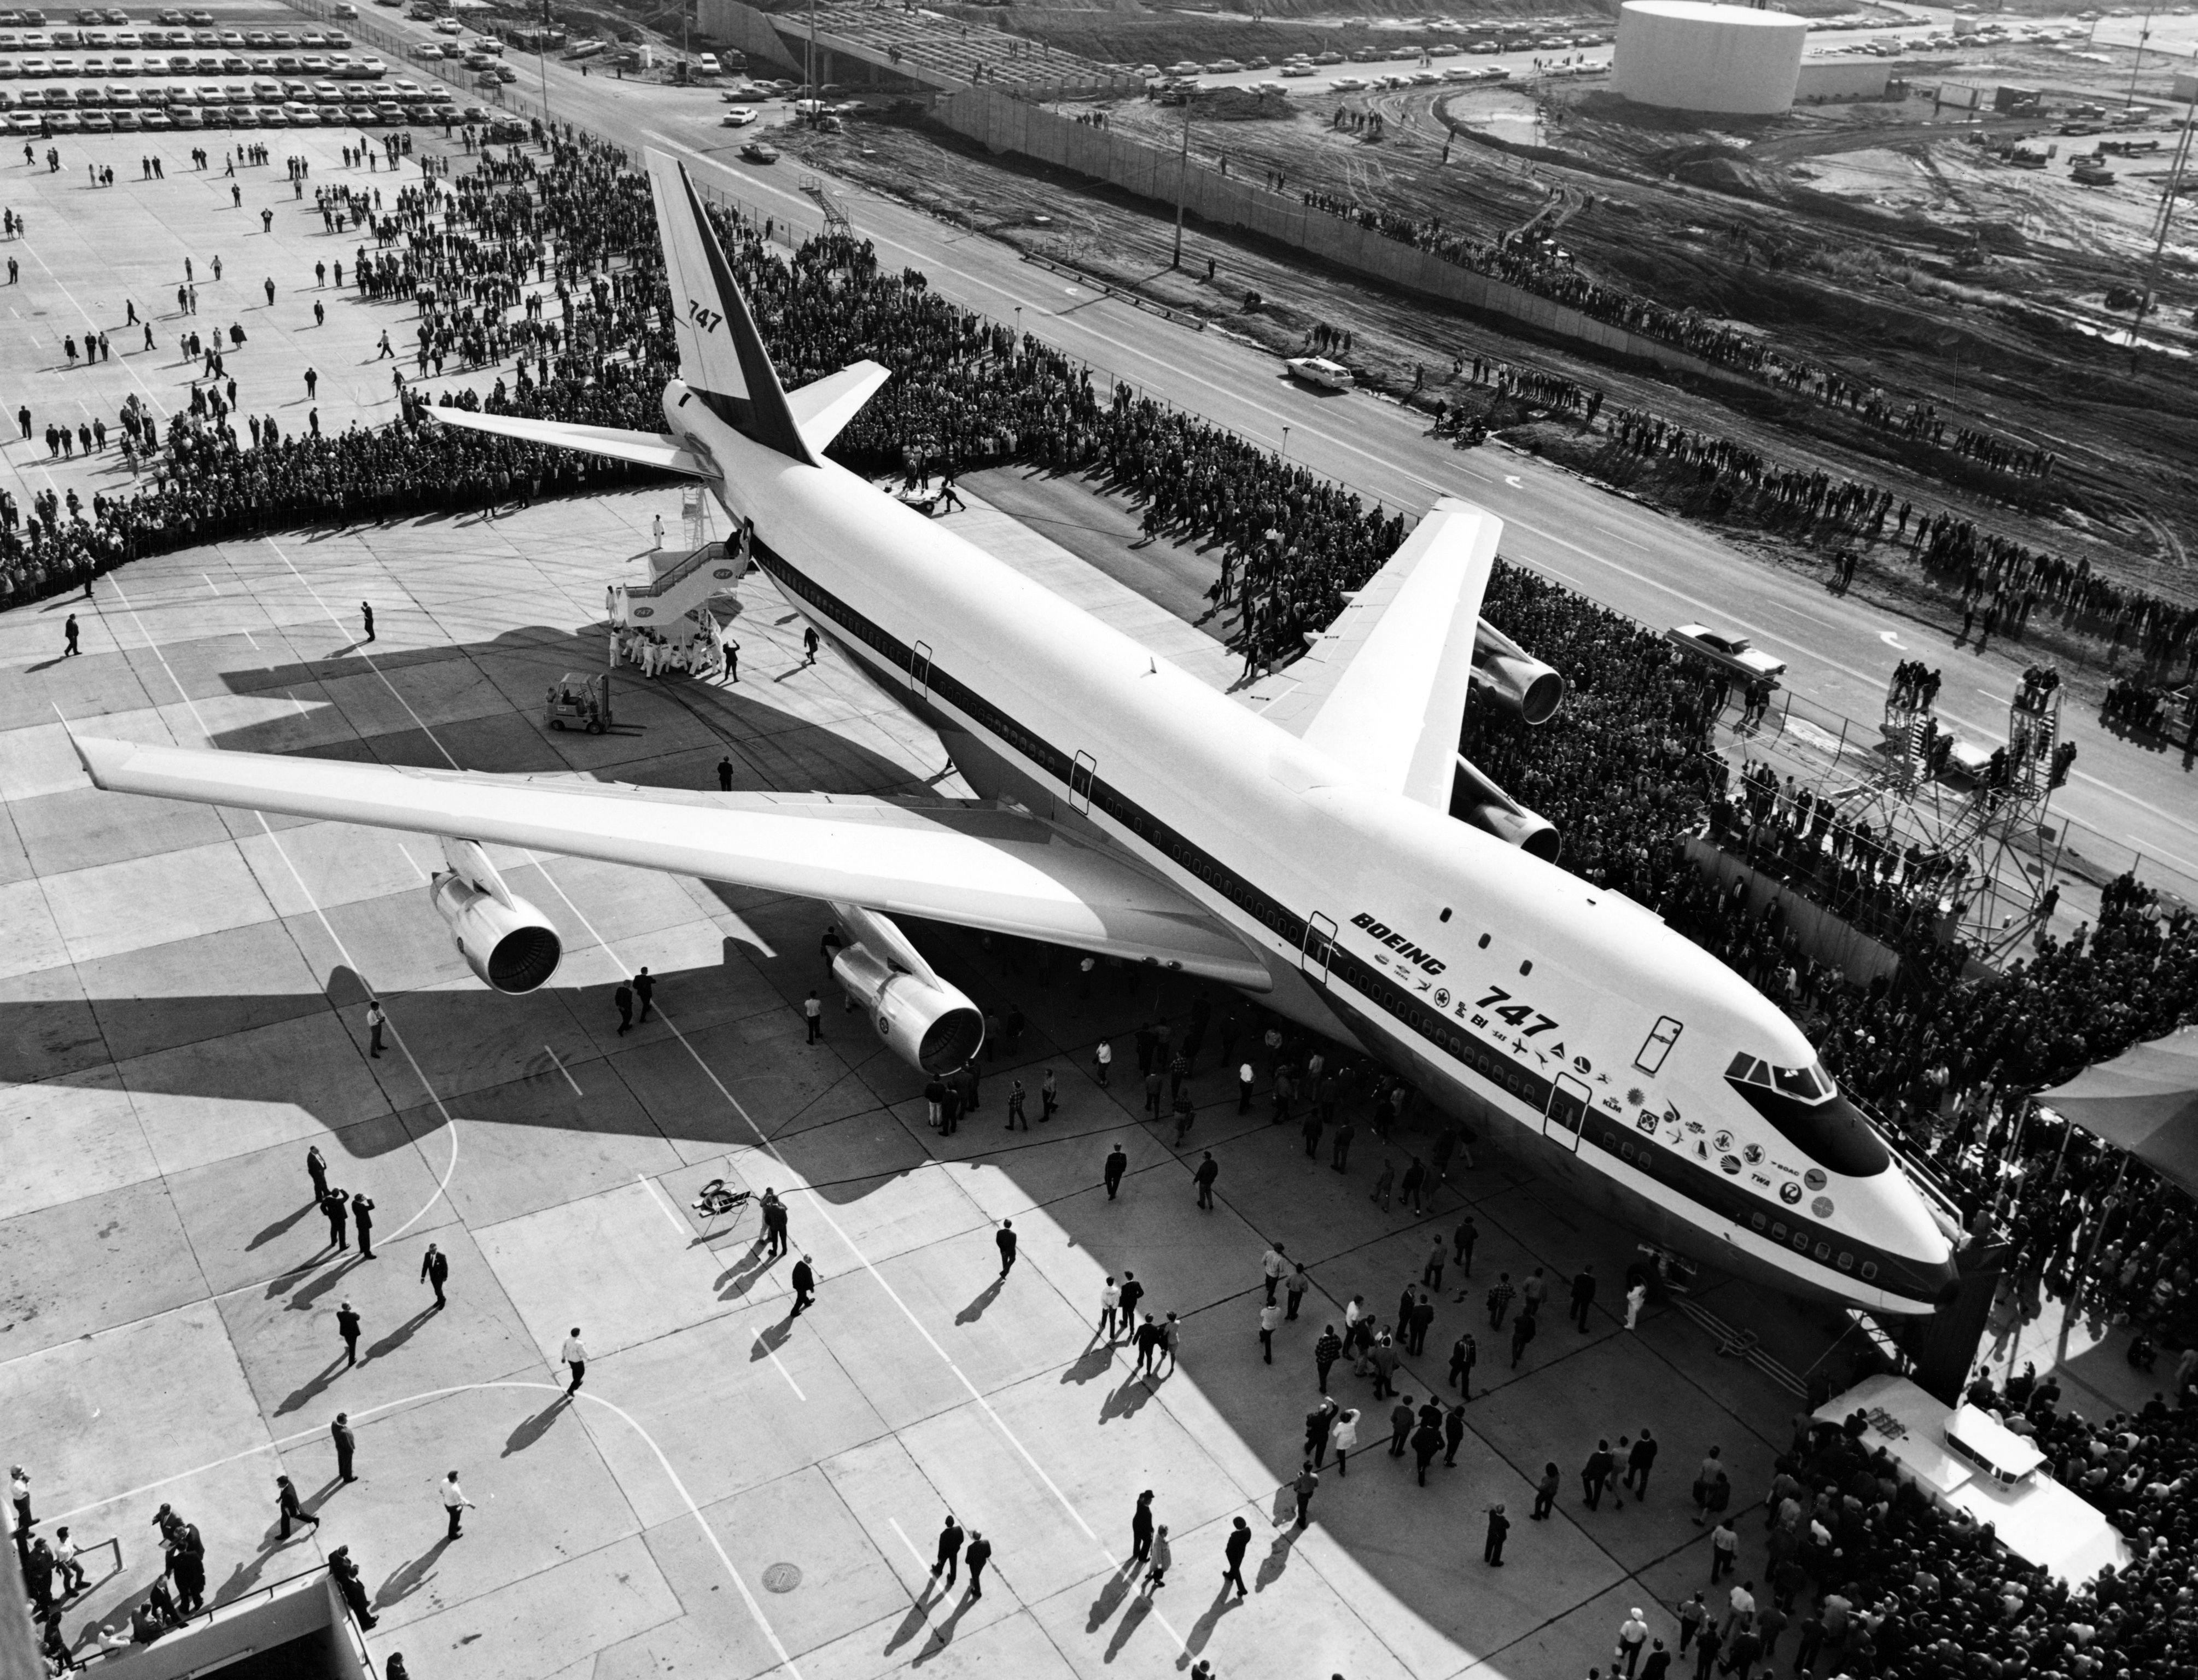 '하늘의 여왕' 50주년 : 세계를 바꾼 보잉 747의 간략한 역사 (화보)